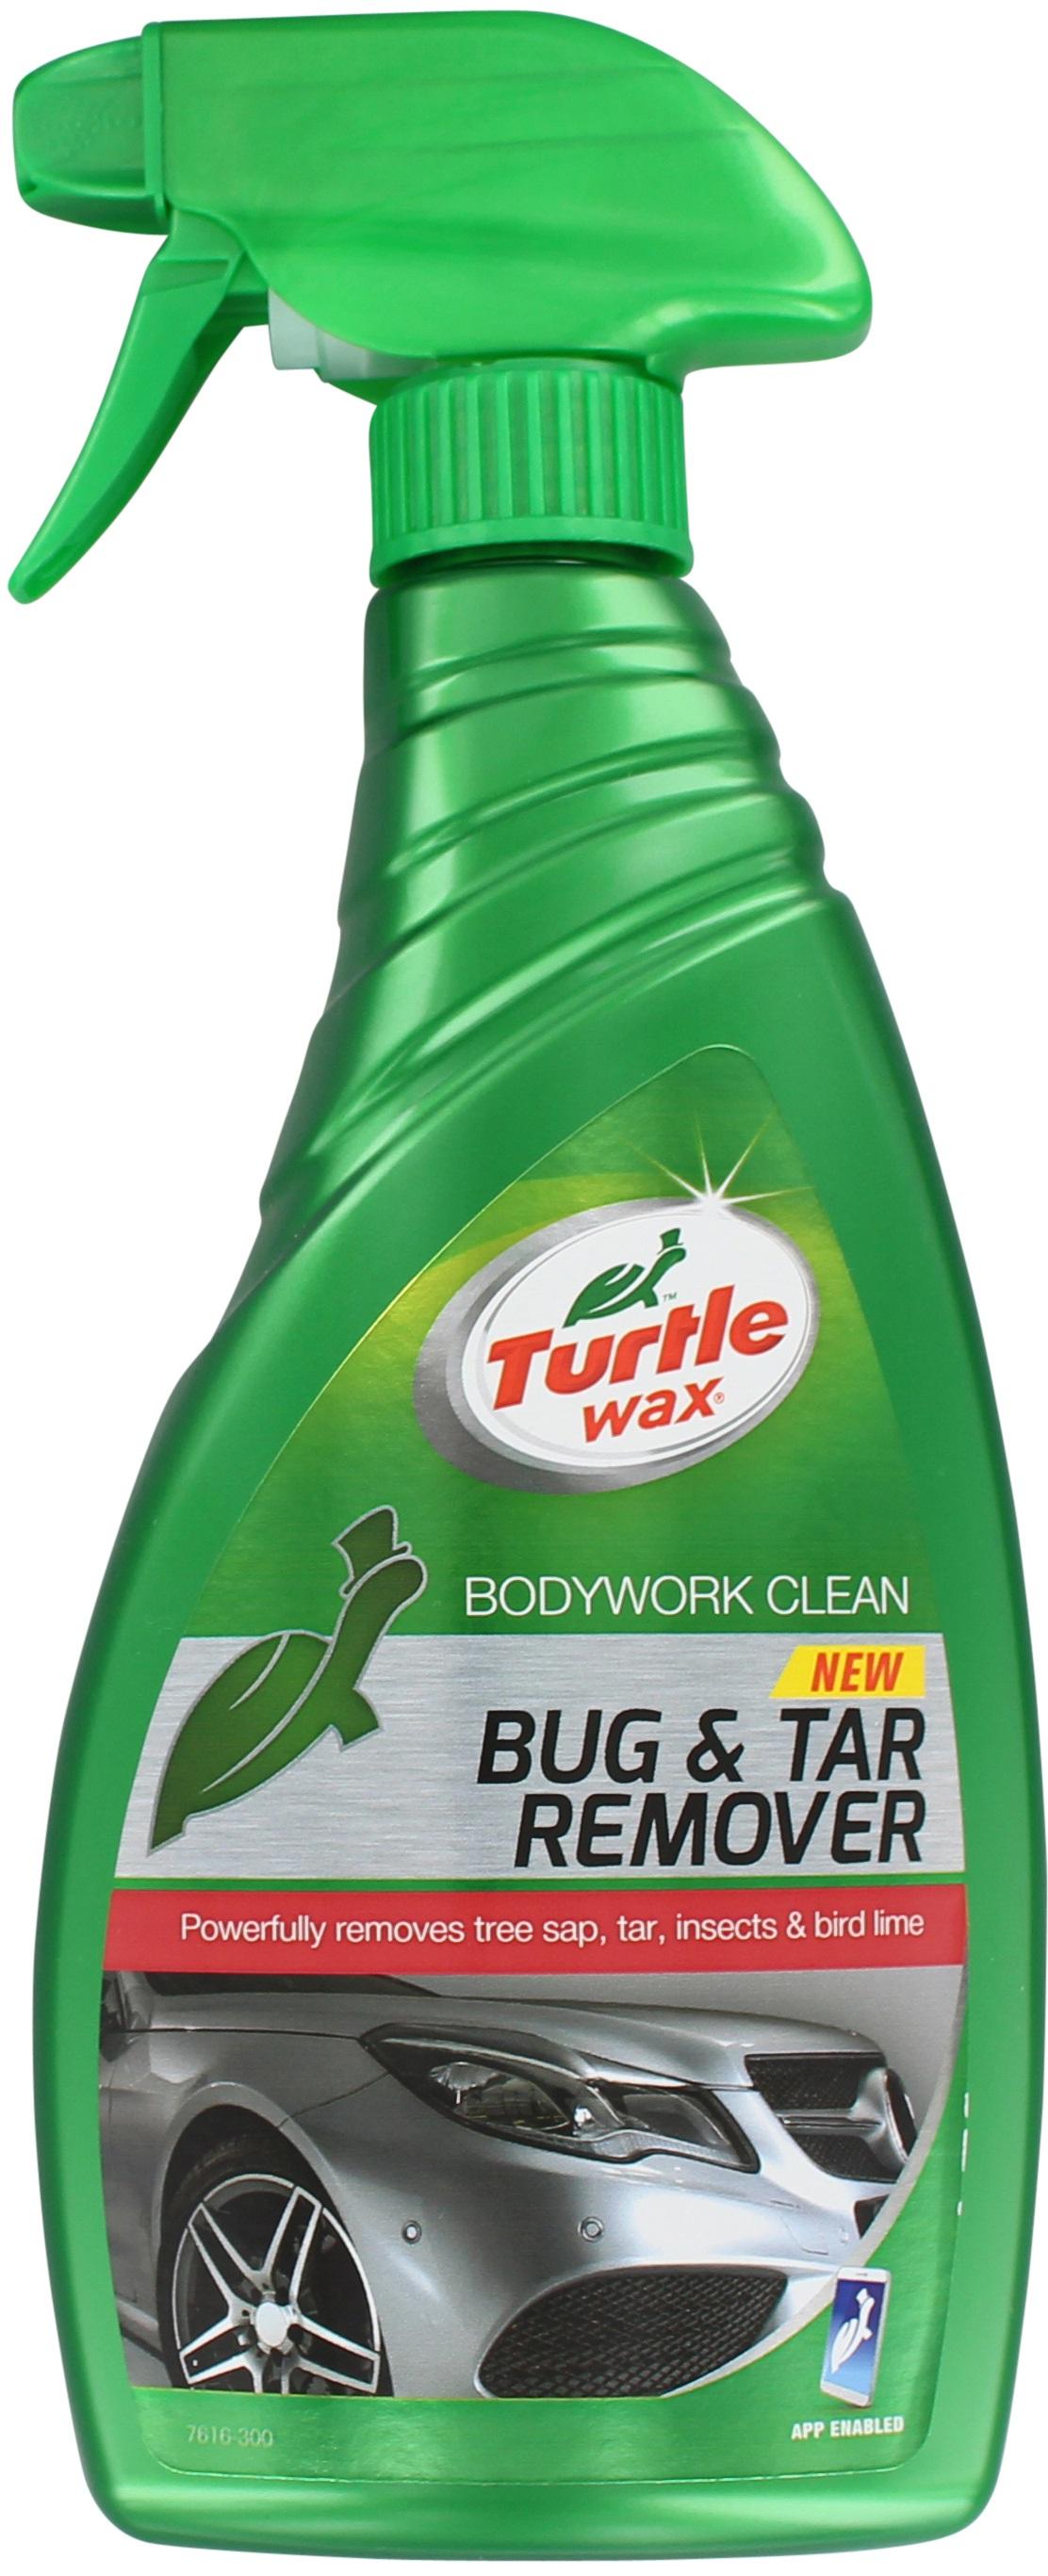 granville bug and tar remover trigger 500ml fg7616 bug tar remover. Black Bedroom Furniture Sets. Home Design Ideas